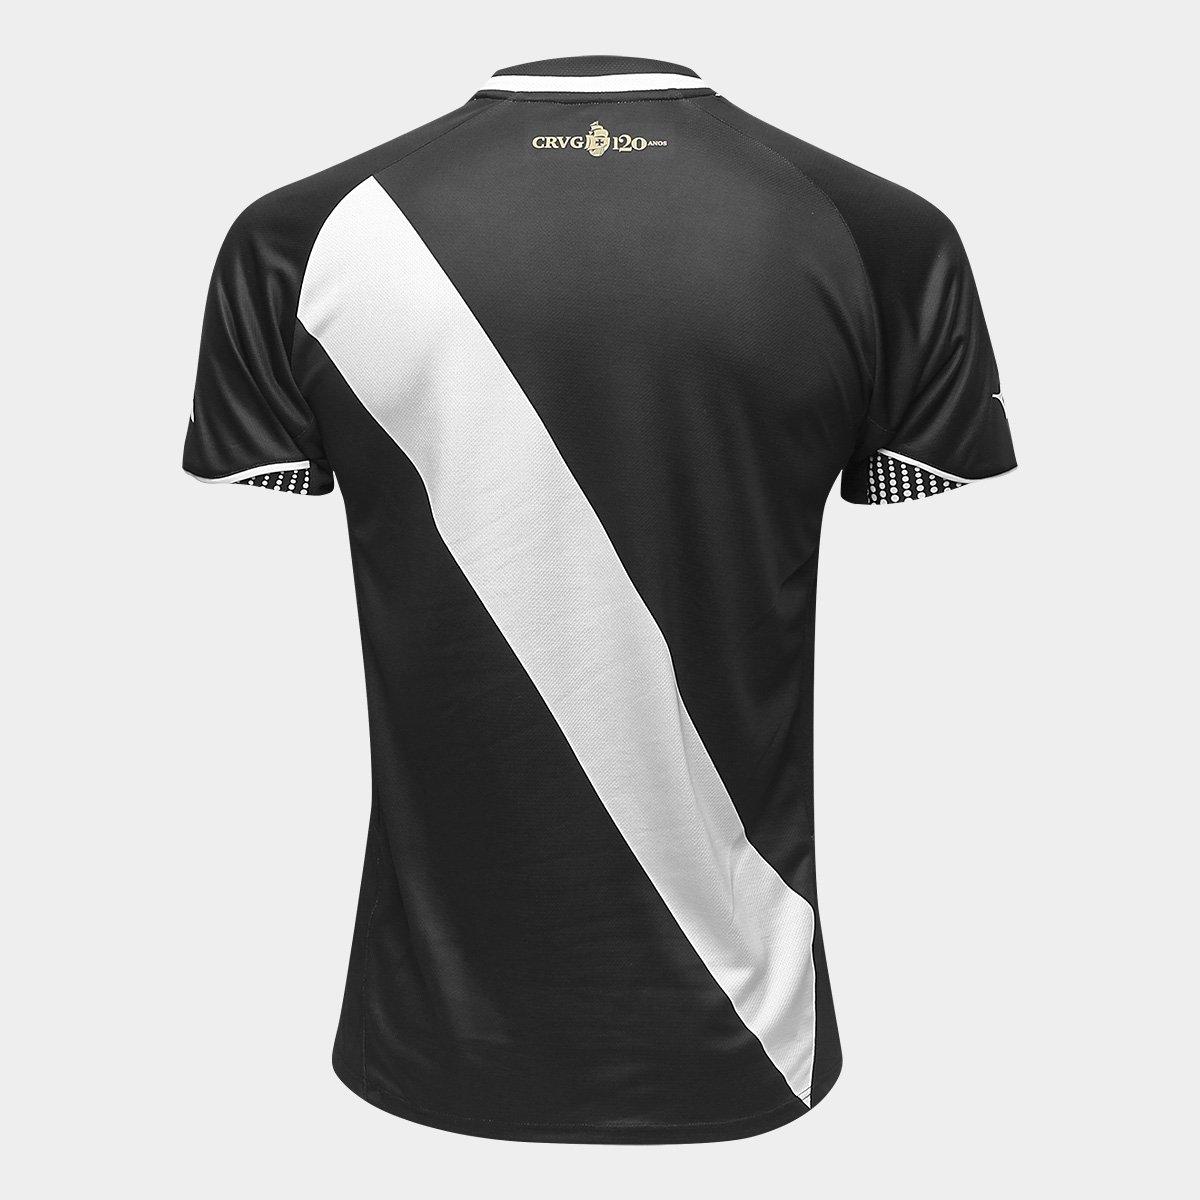 Camisa Vasco I 2018 s n° Jogador Diadora Masculina - Preto - Compre ... 929cf6e625764